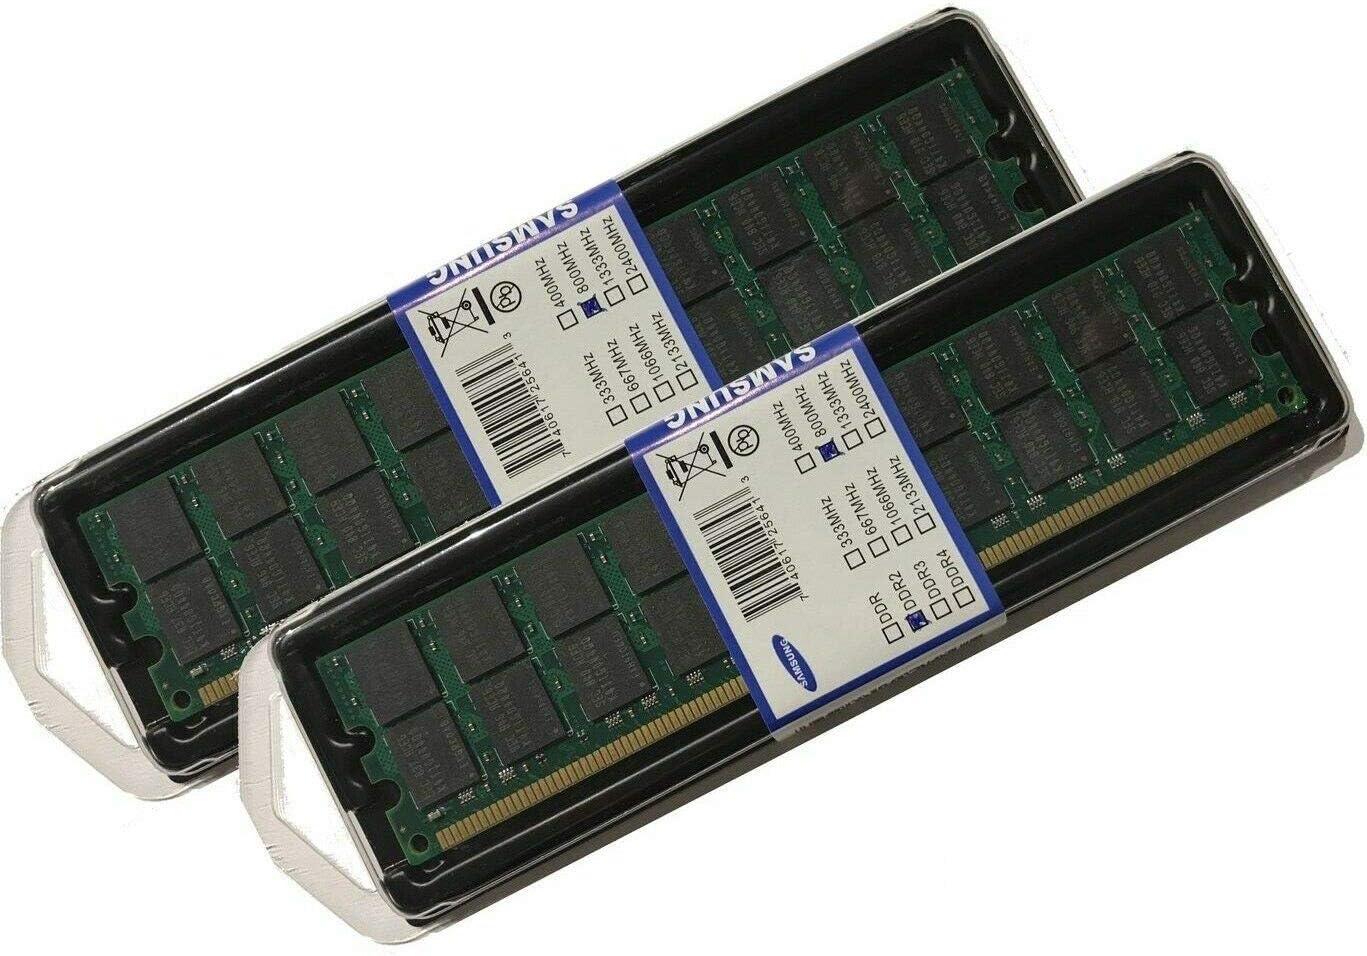 Dual Rank x4 PC2-6400 DDR2-800 Registered LP Memory Kit m/ódulo de 2x4GB Memoria 8 GB, 2 x 4 GB, DDR2, 800 MHz, 240-pin DIMM Hewlett Packard Enterprise 8GB